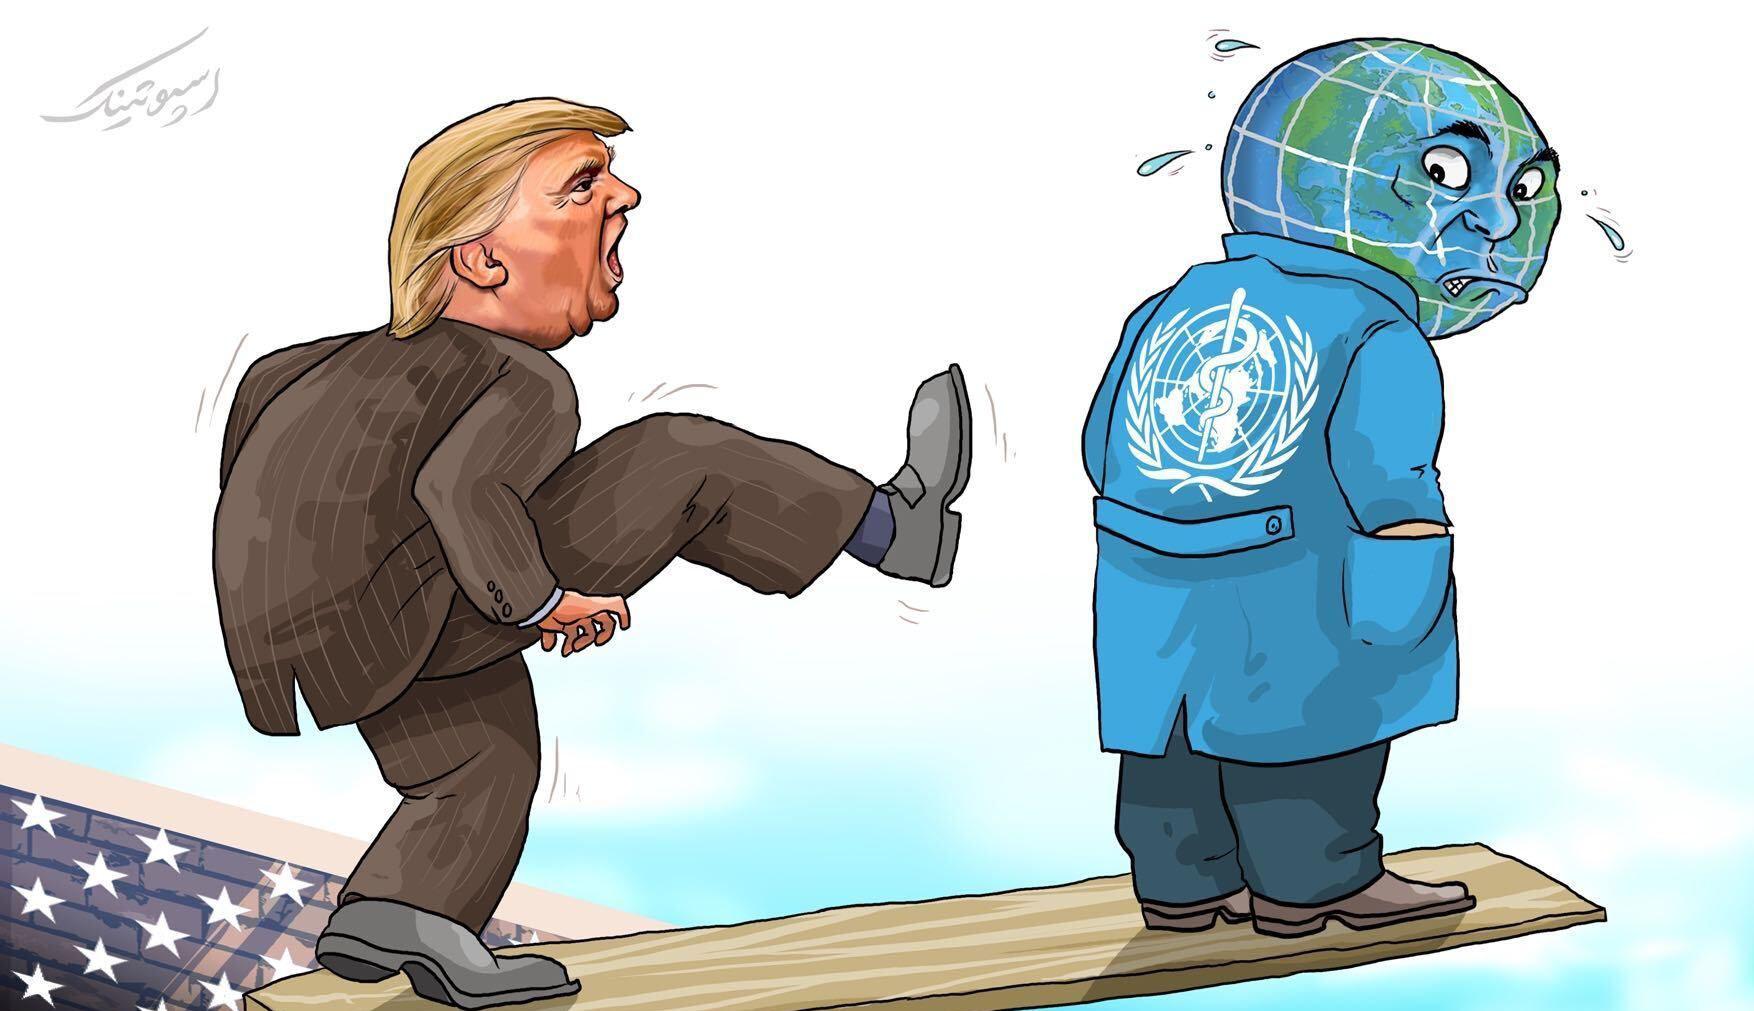 خروج آمریکا از سازمان جهانی بهداشت! + عکس